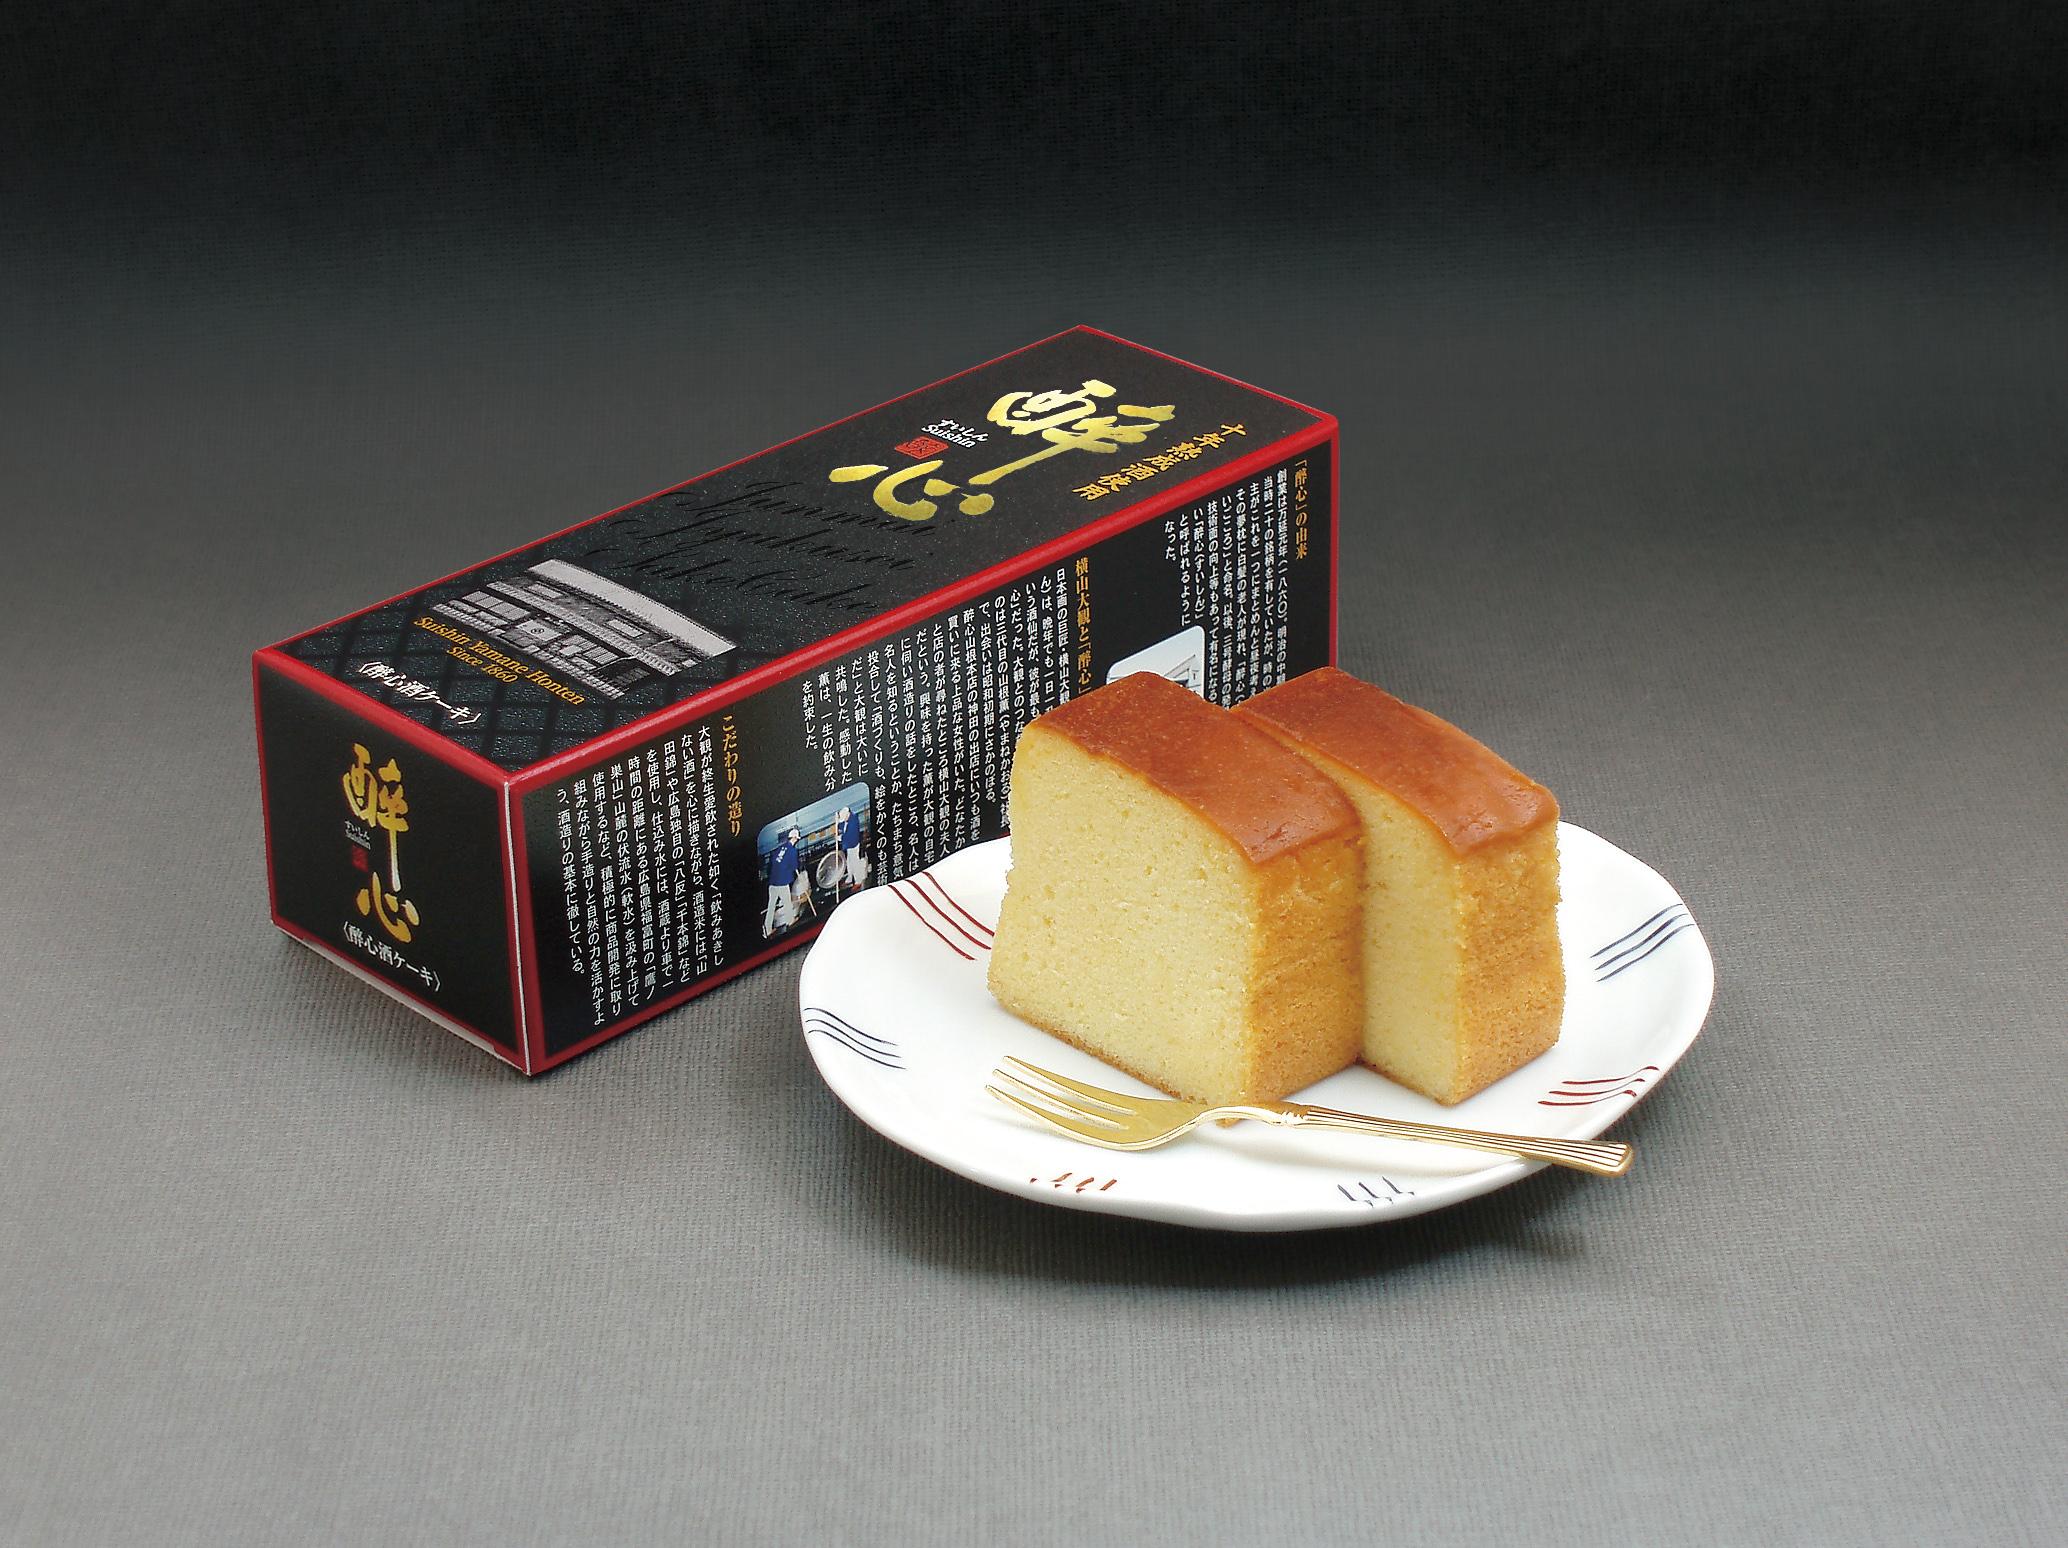 10年以上の熟成酒に浸し作ったケーキです。